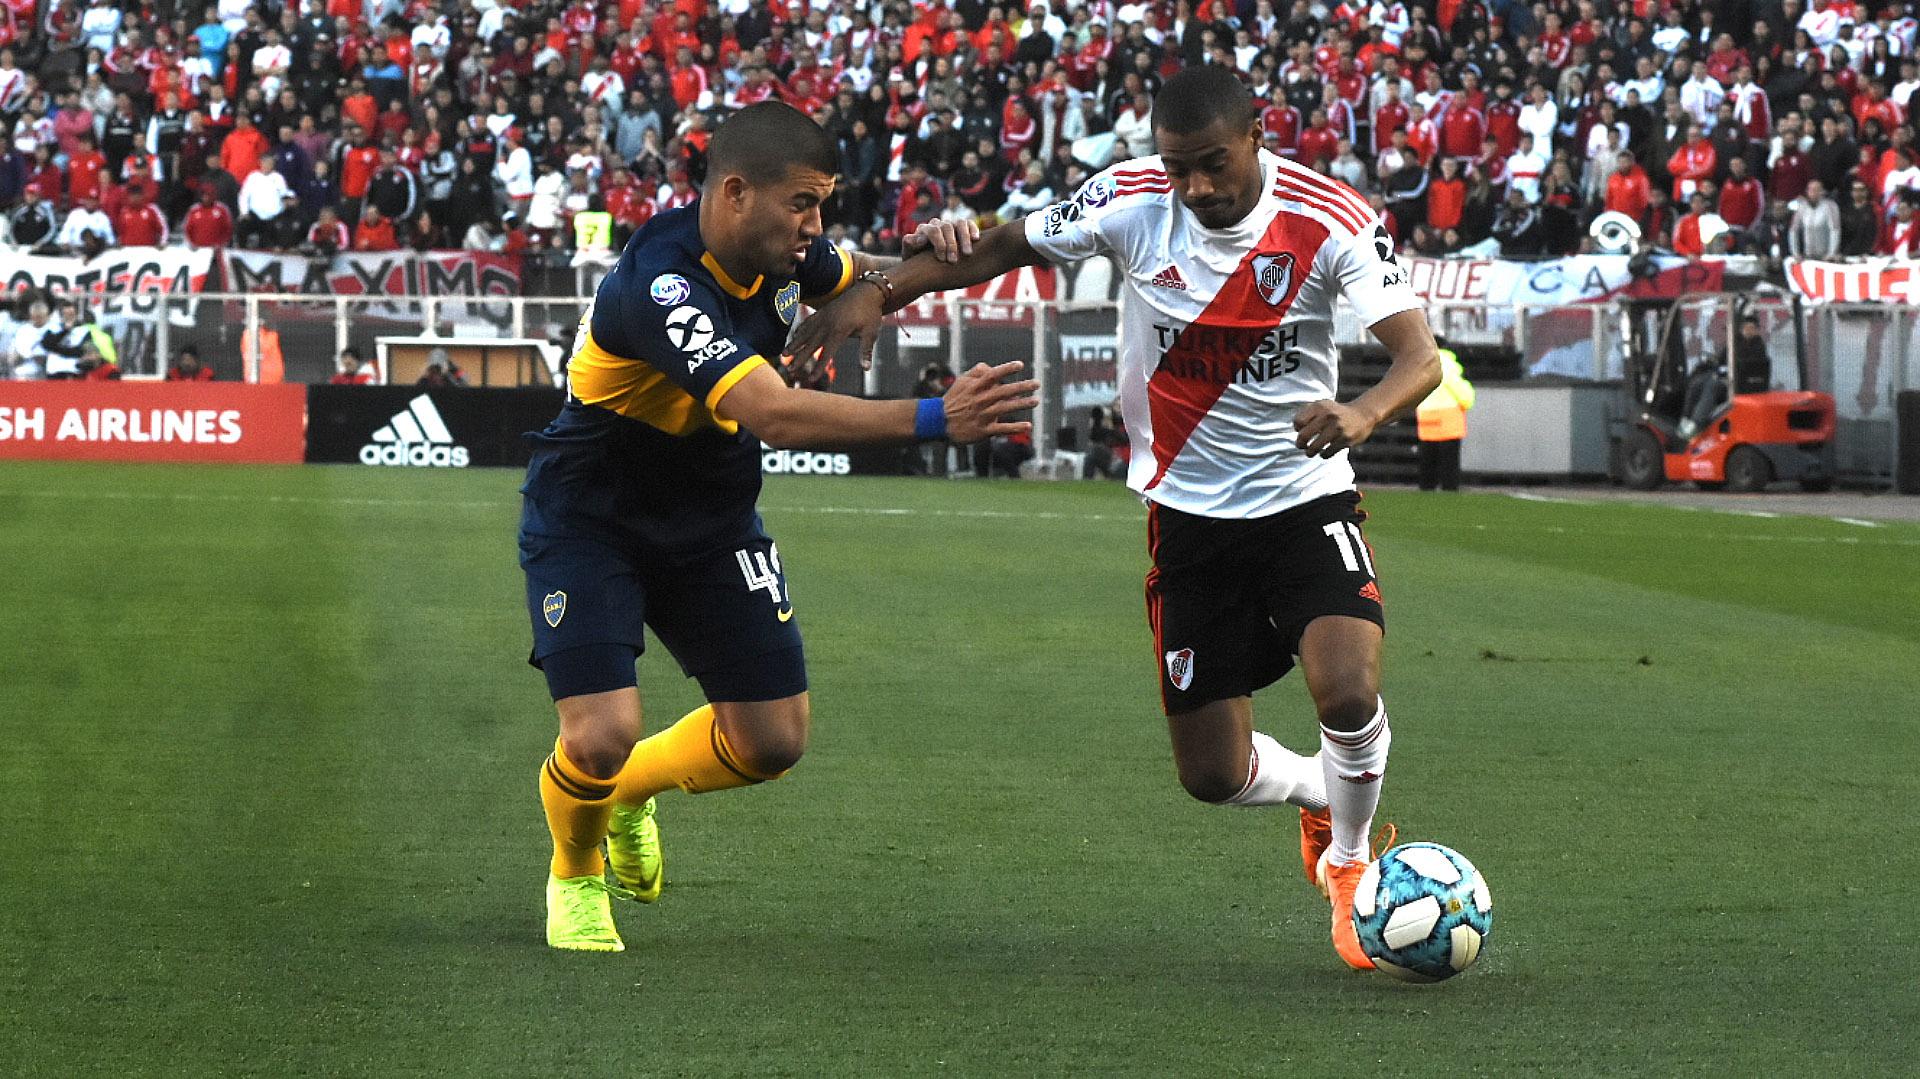 Durante los primeros minutos, River jugó en terreno rival y contó con algunos avances bajo los pies de De La Cruz